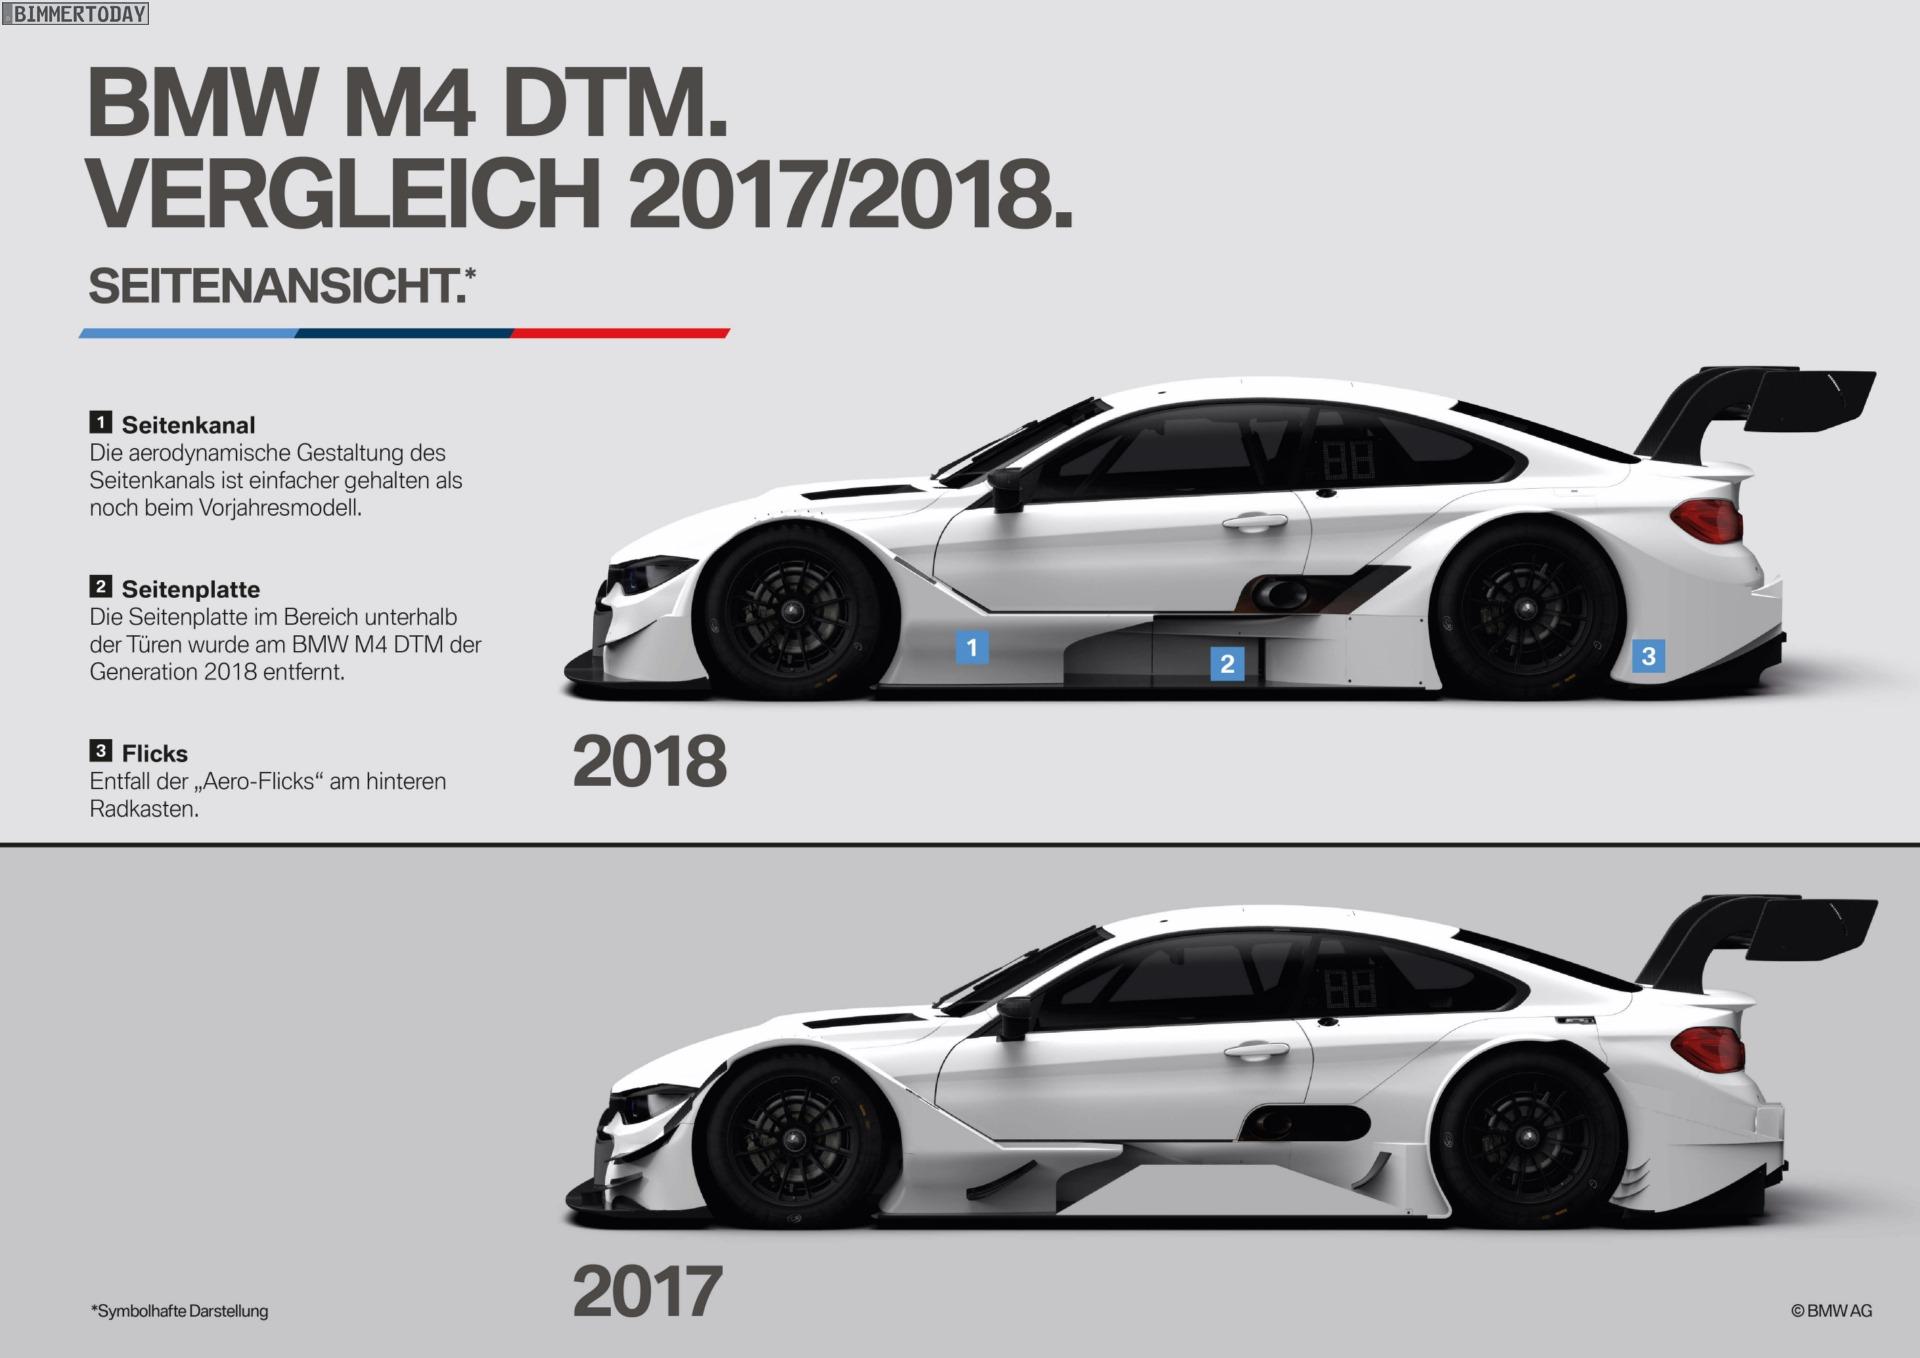 Dtm 2018 Neue Aerodynamik Des Bmw M4 Dtm Im Vergleich